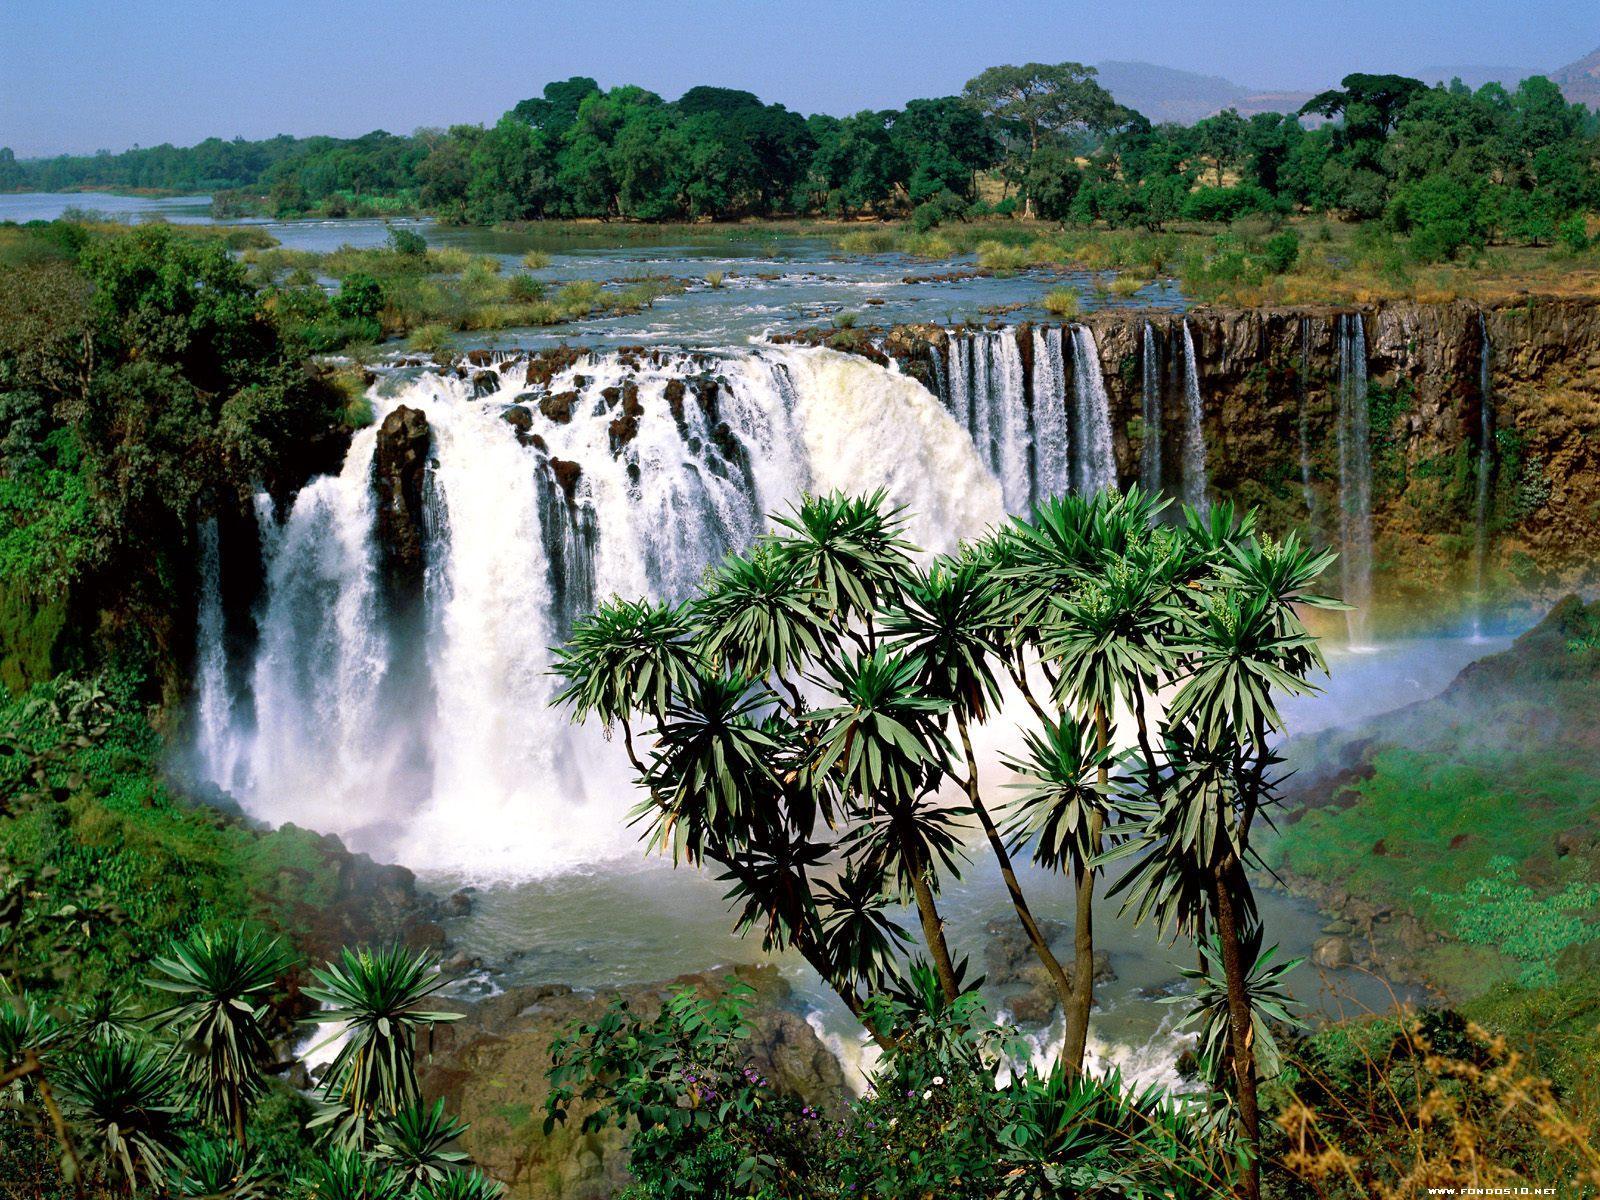 JV Blue Nile Falls Etiopia 1 - Julio Verne y sus increíbles vaticinios que parecían ciencia ficción y hoy son toda una realidad.